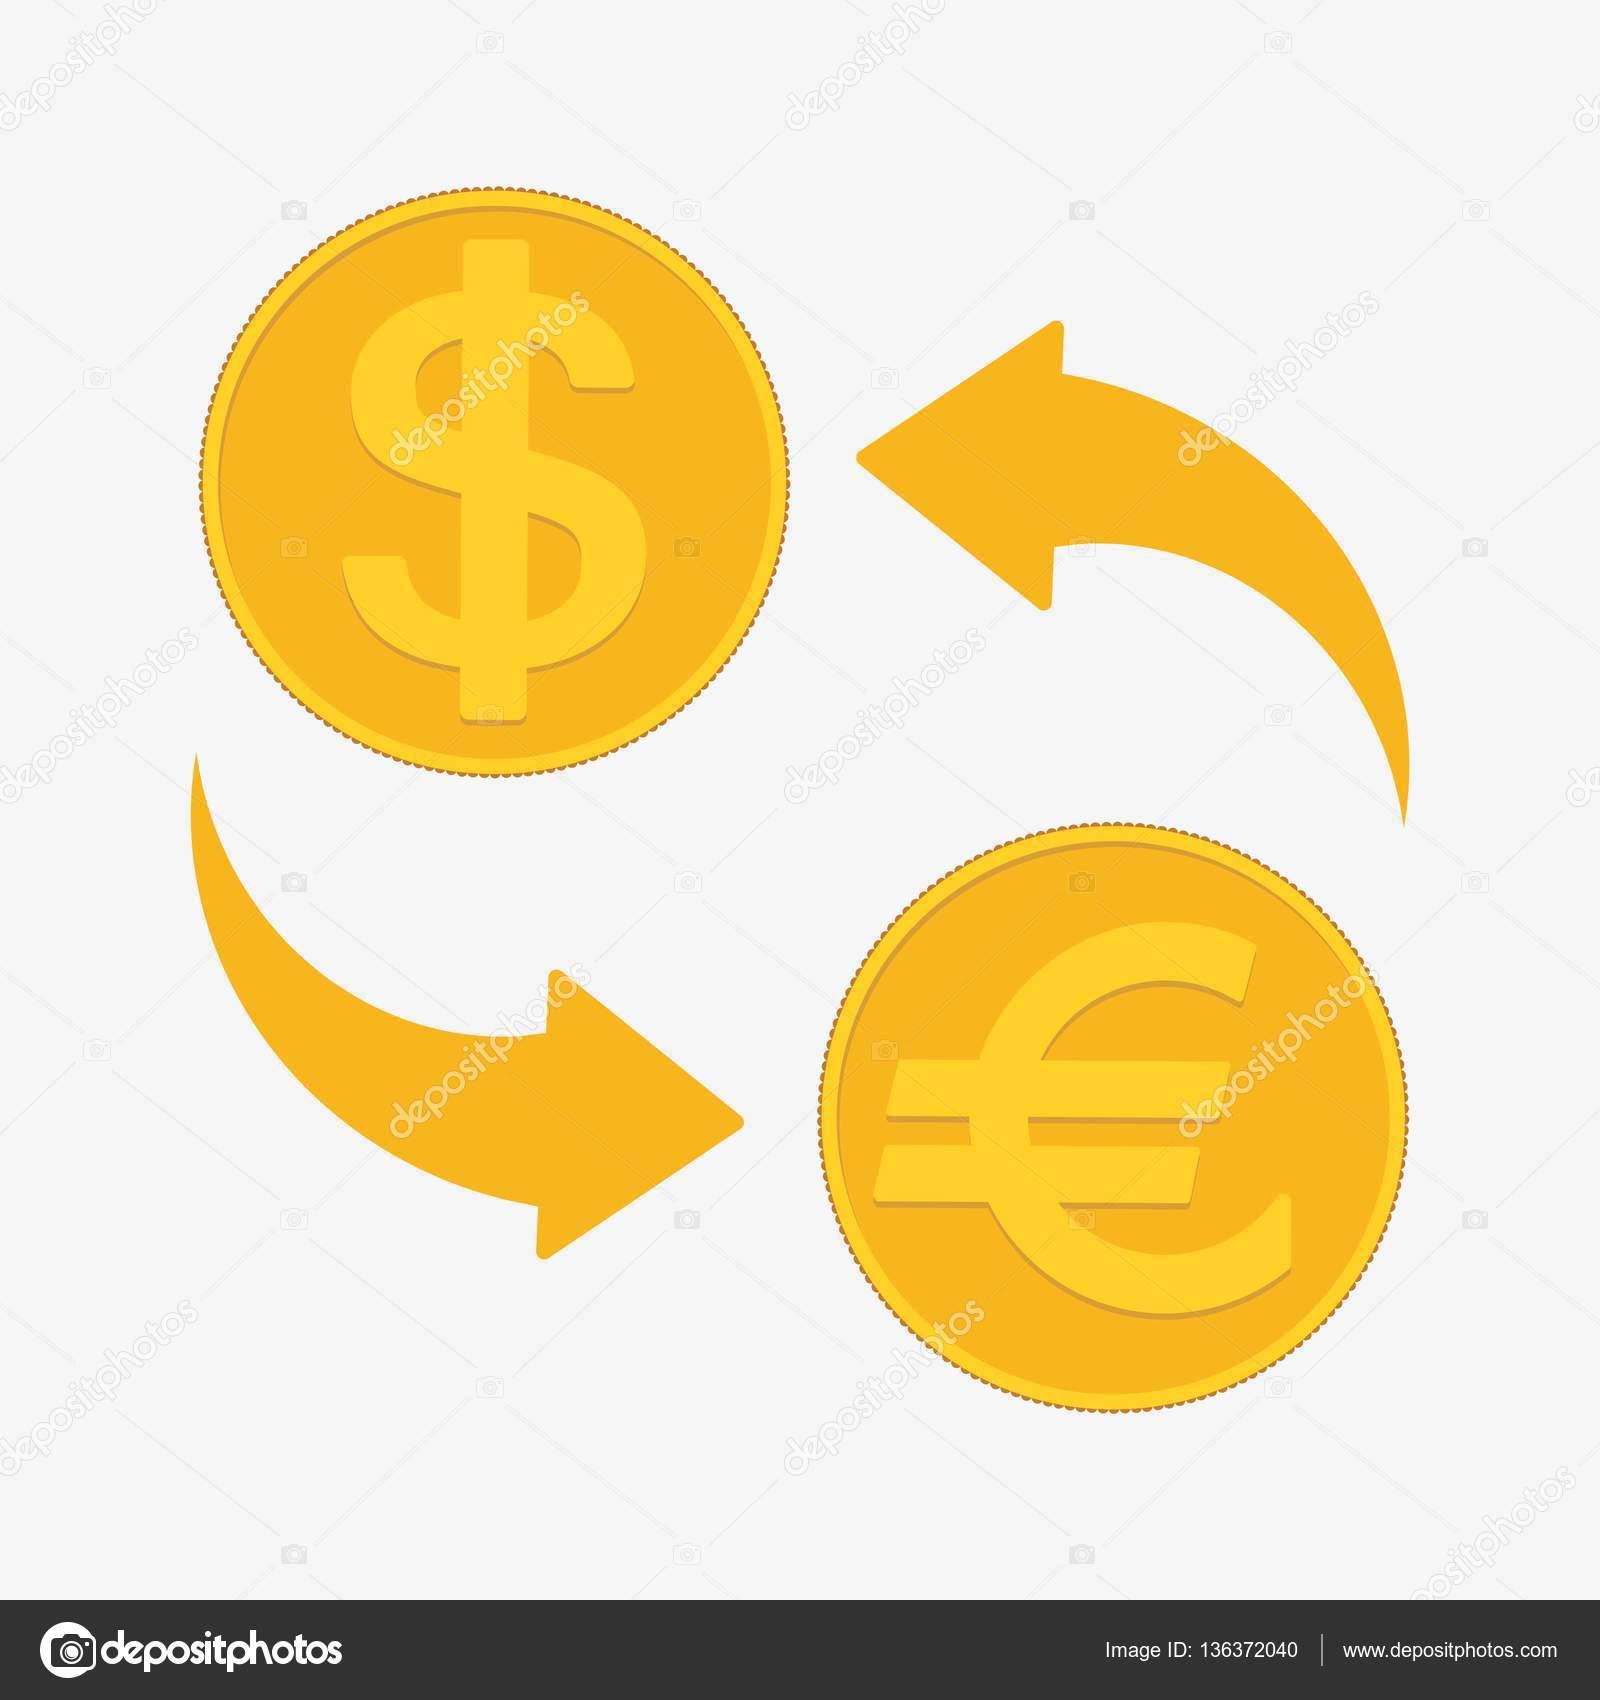 Bureau De Change Euro Et Dollar Illustration Vectorielle Image